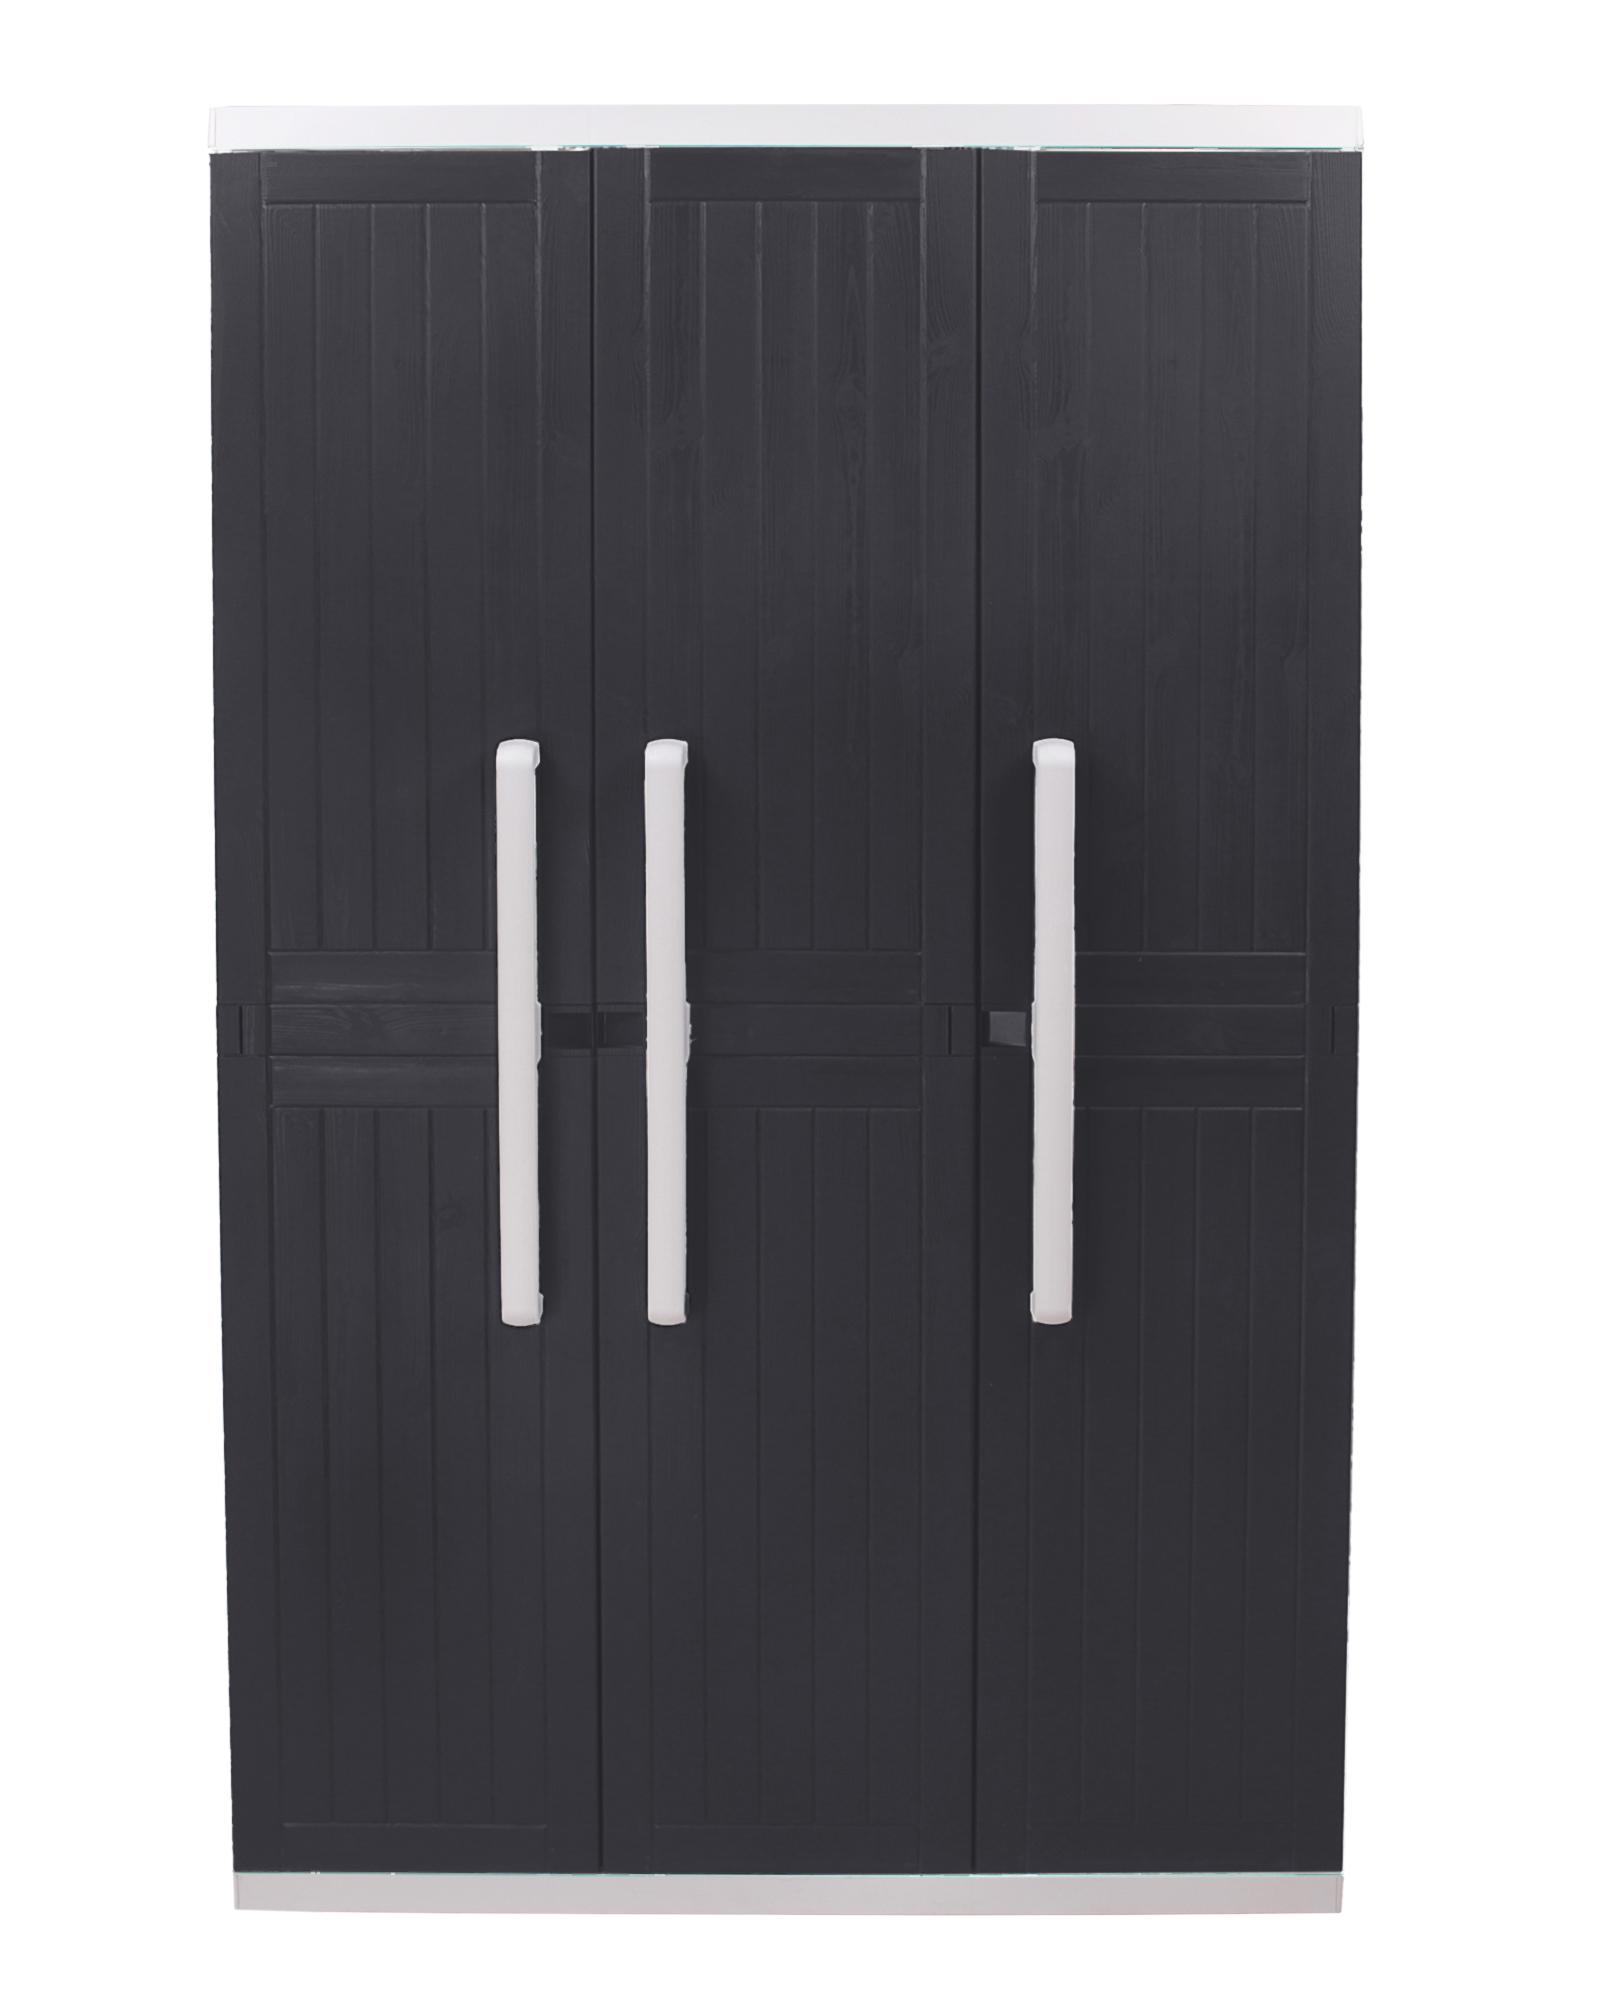 schrank zum abschlieen der rolladen fr den schrank gemeinsam ein platzwunder with schrank zum. Black Bedroom Furniture Sets. Home Design Ideas